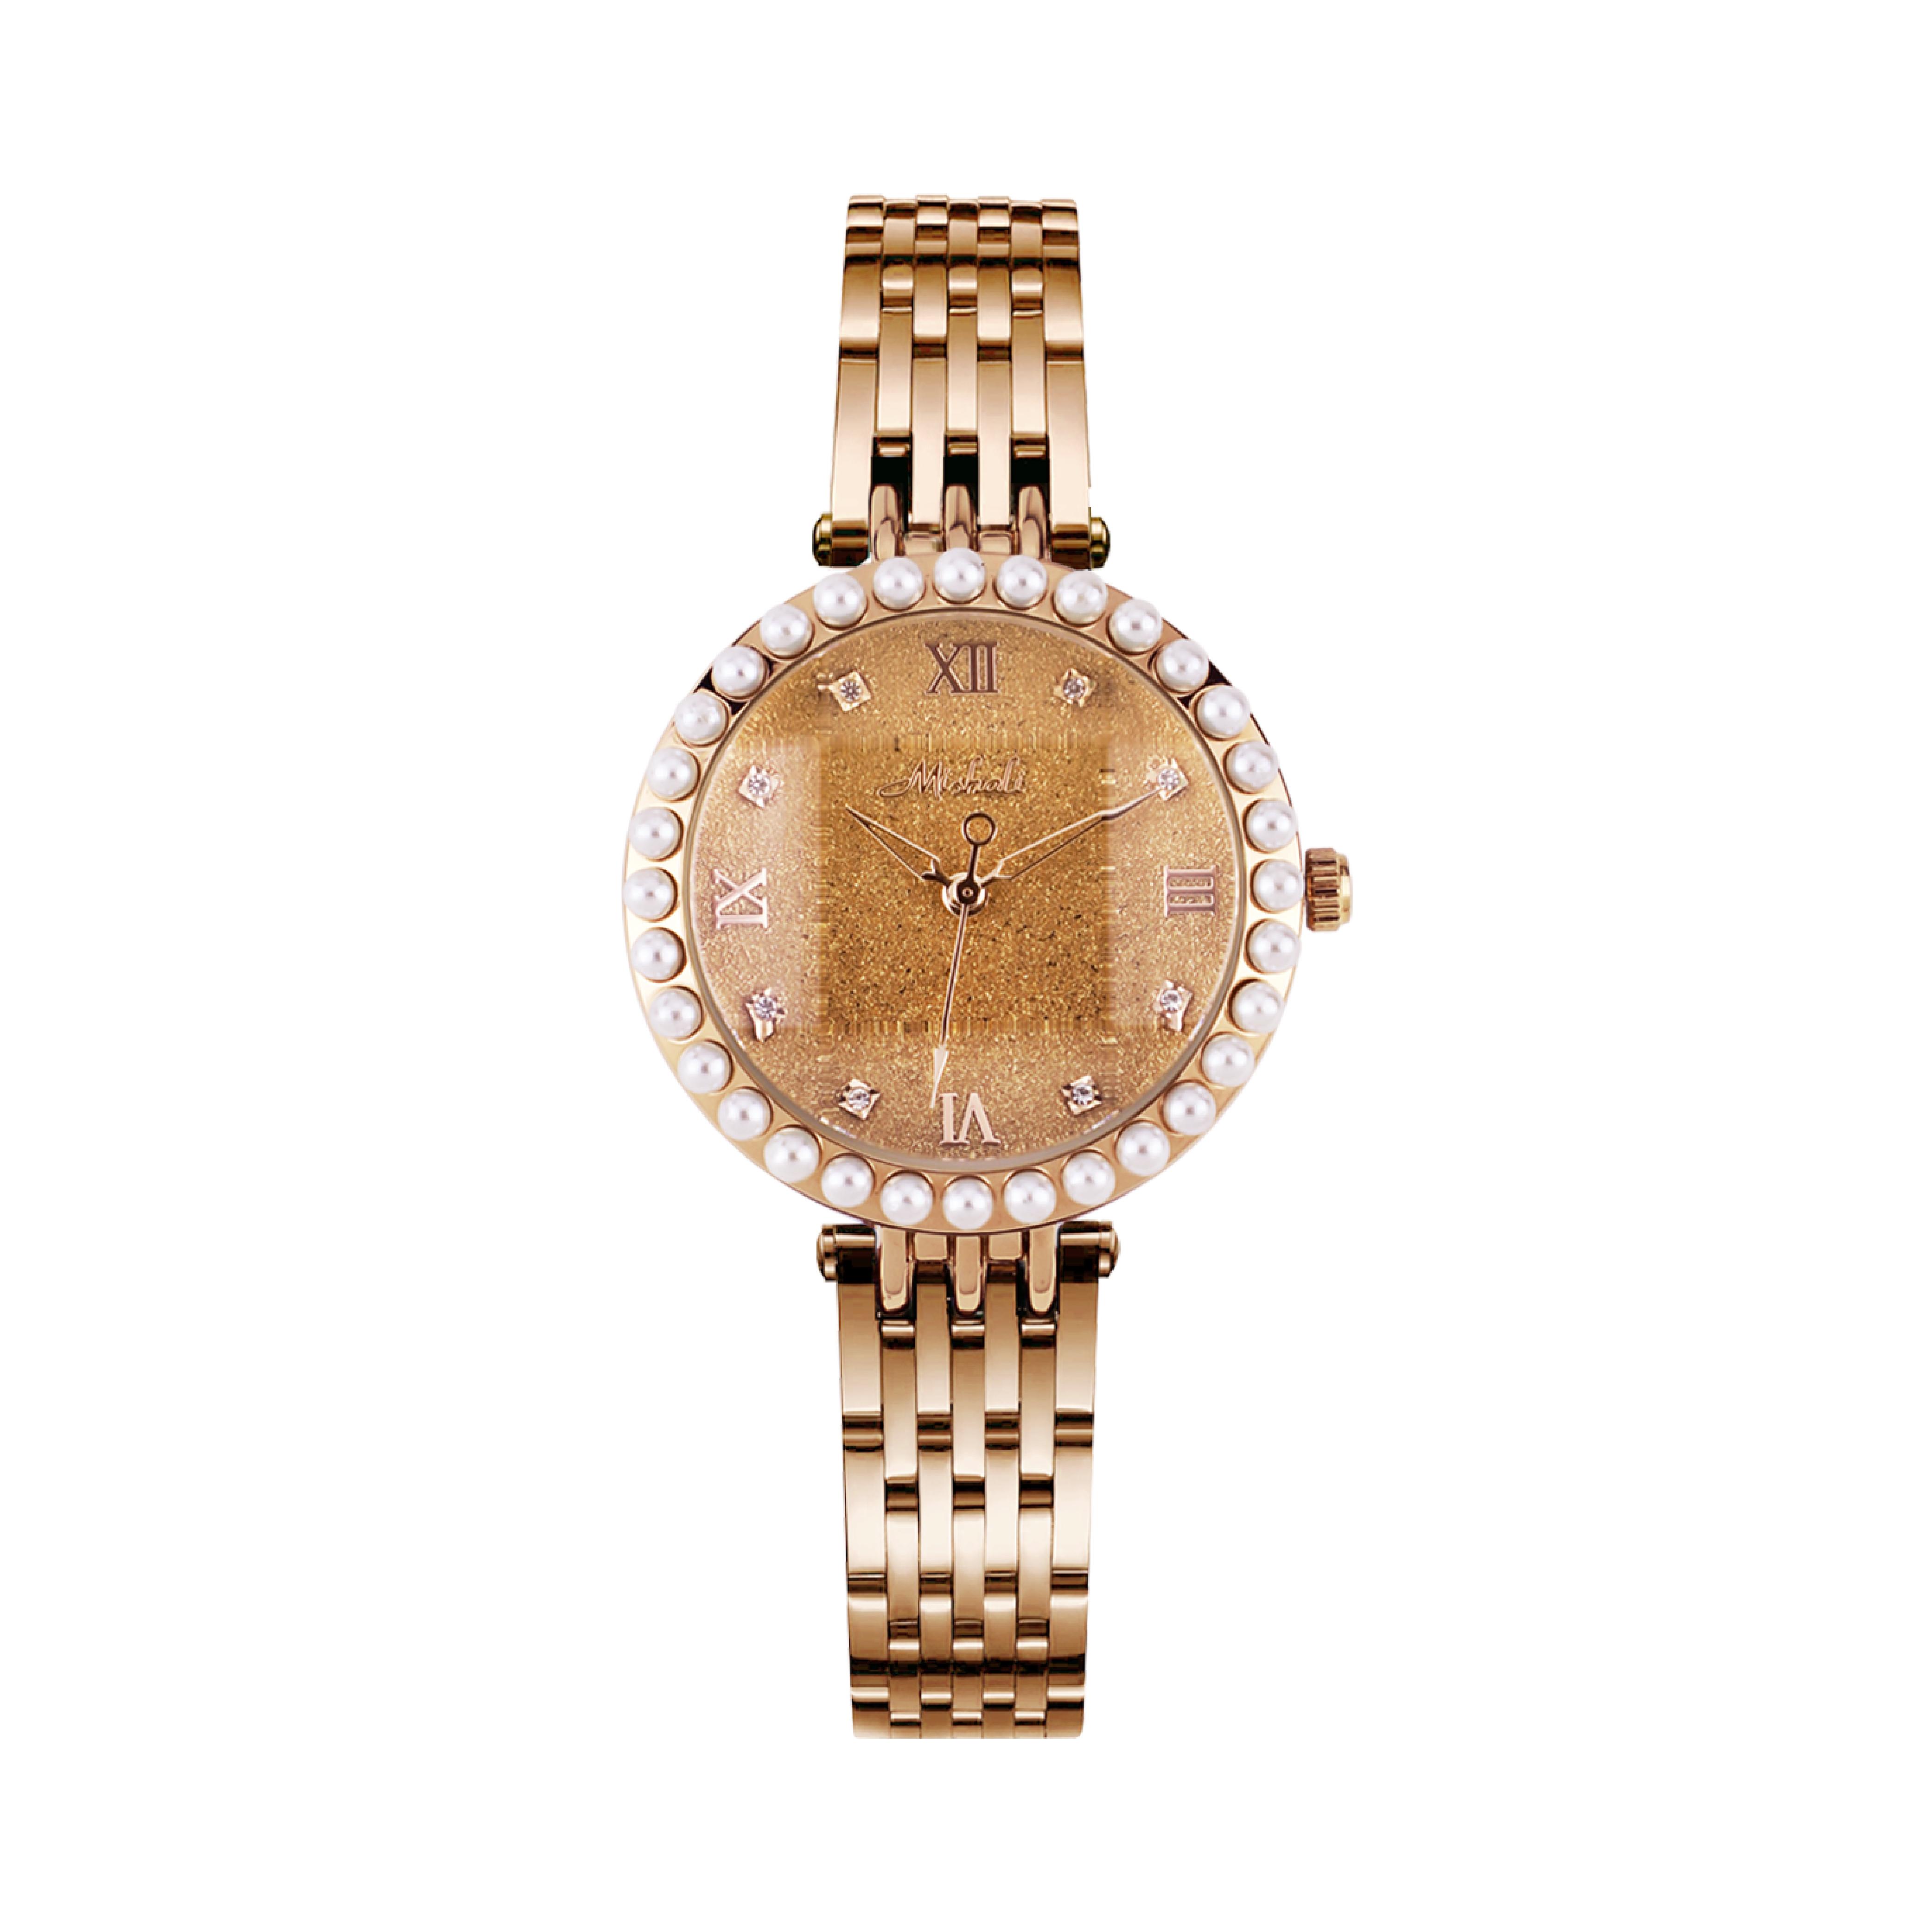 นาฬิกาข้อมือผู้หญิง MISHALI M19016B